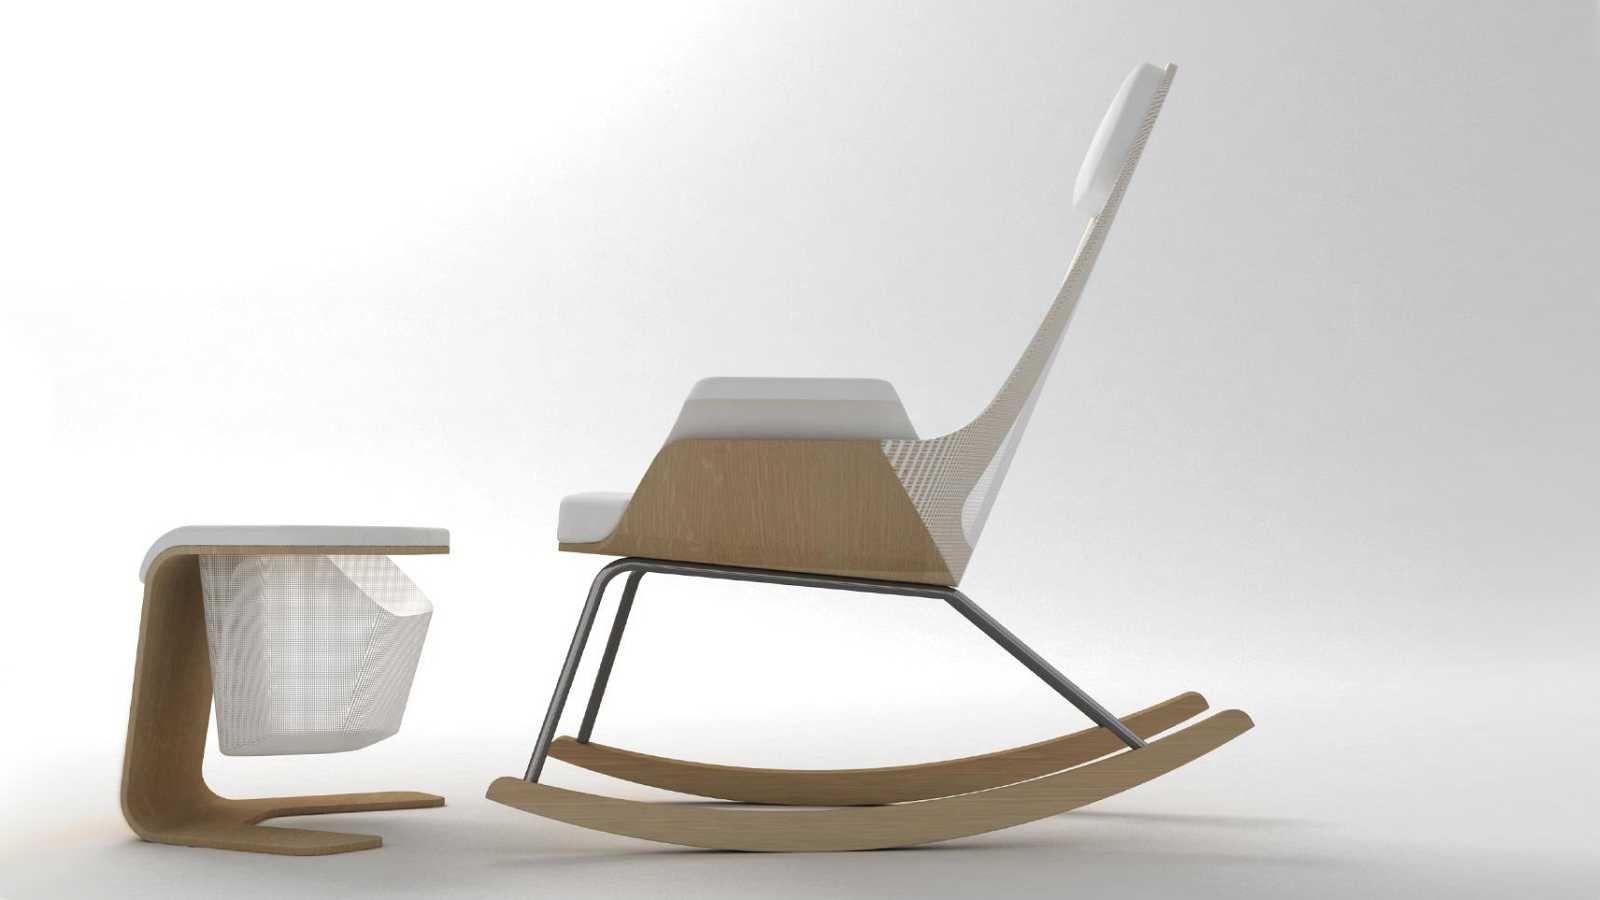 Marca España - Alegre Design, un estudio de diseño de referencia internacional - 27/11/20 - escuchar ahora